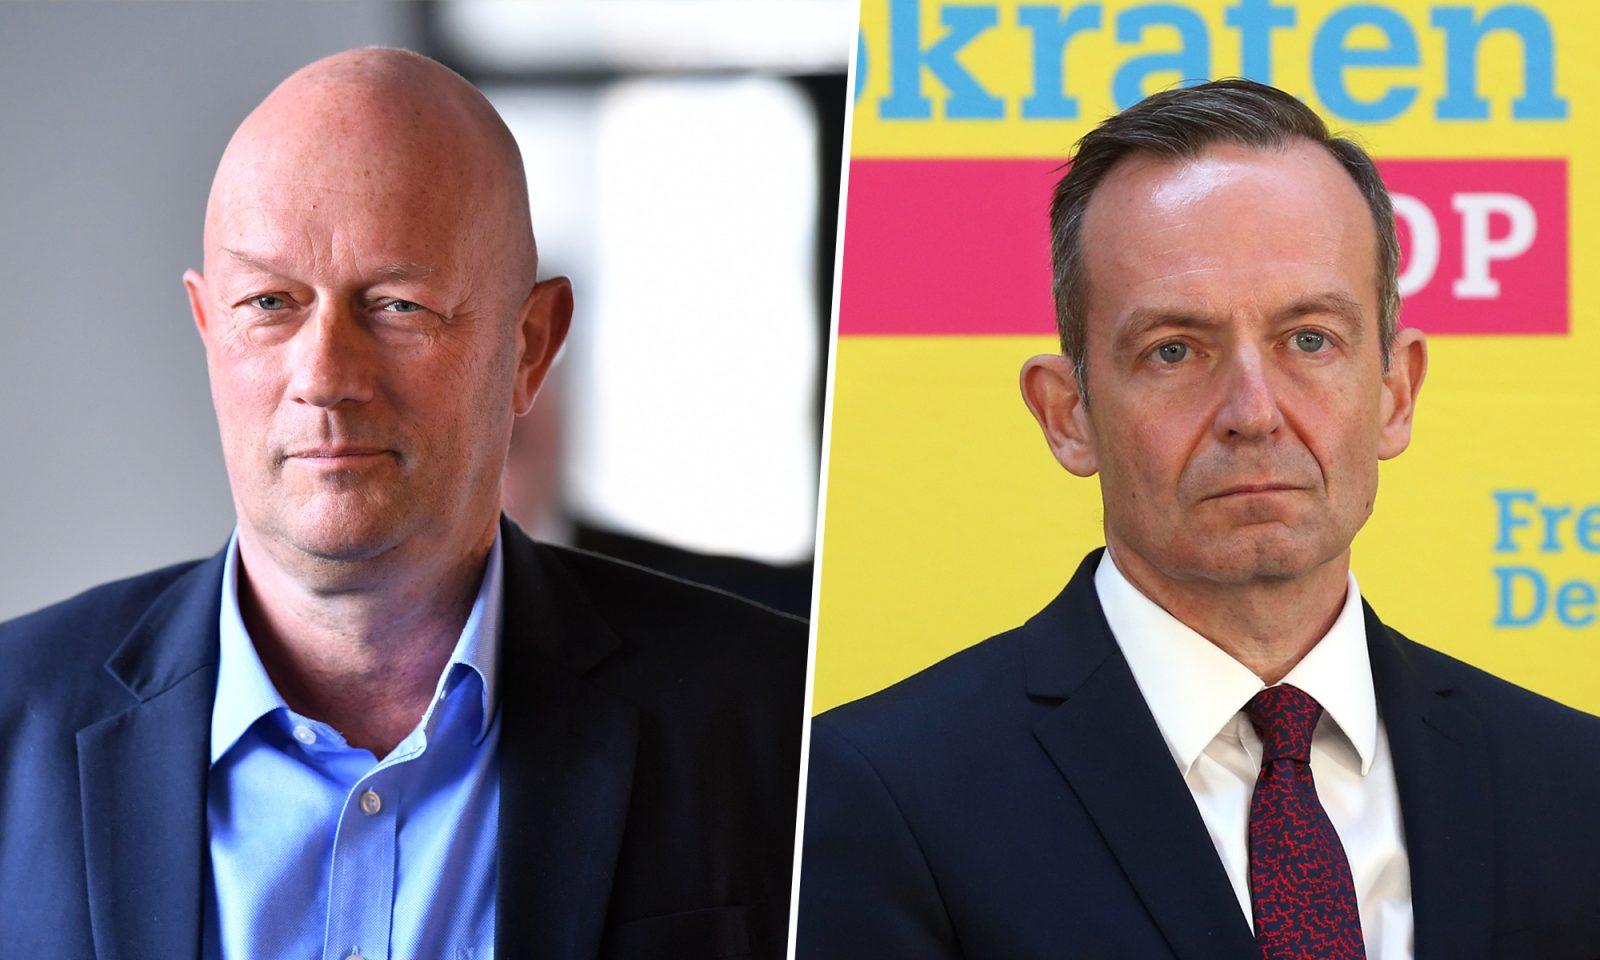 Thüringens FDP-Chef Thomas Kemmerich (l.) und FDP-Generalsekretär Volker Wissing